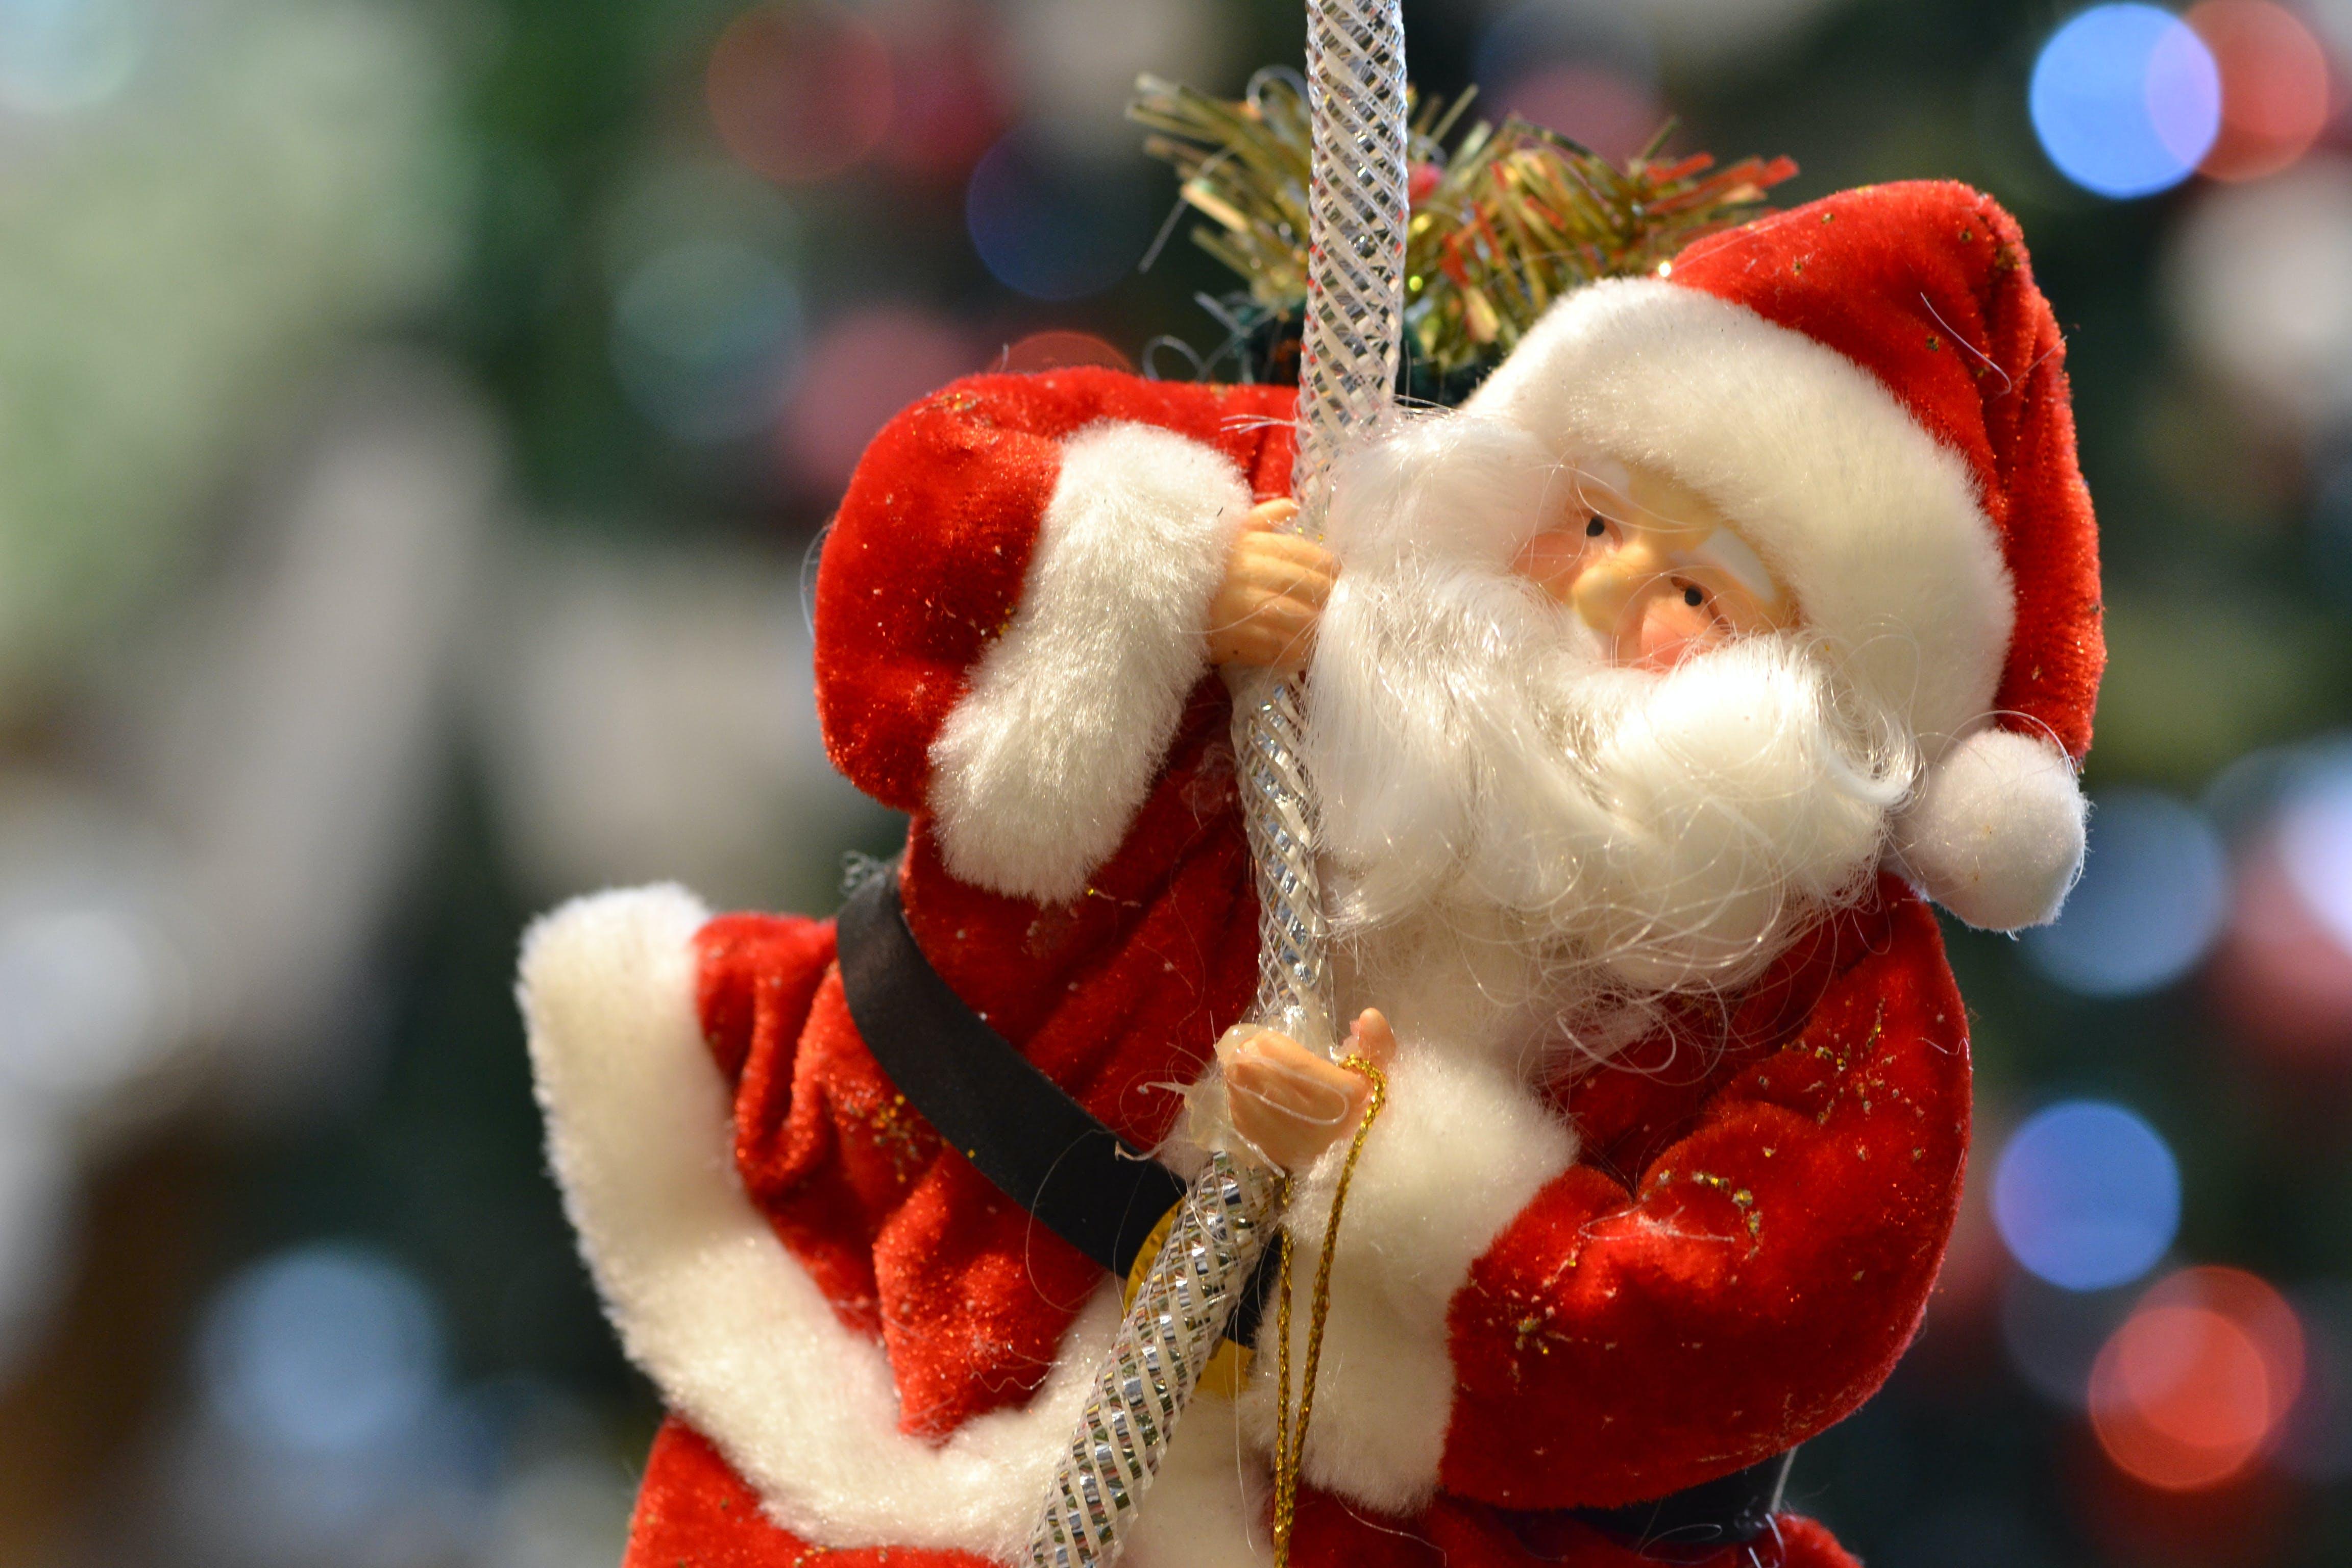 메리 크리스마스, 산타, 산타클로스, 크리스마스의 무료 스톡 사진